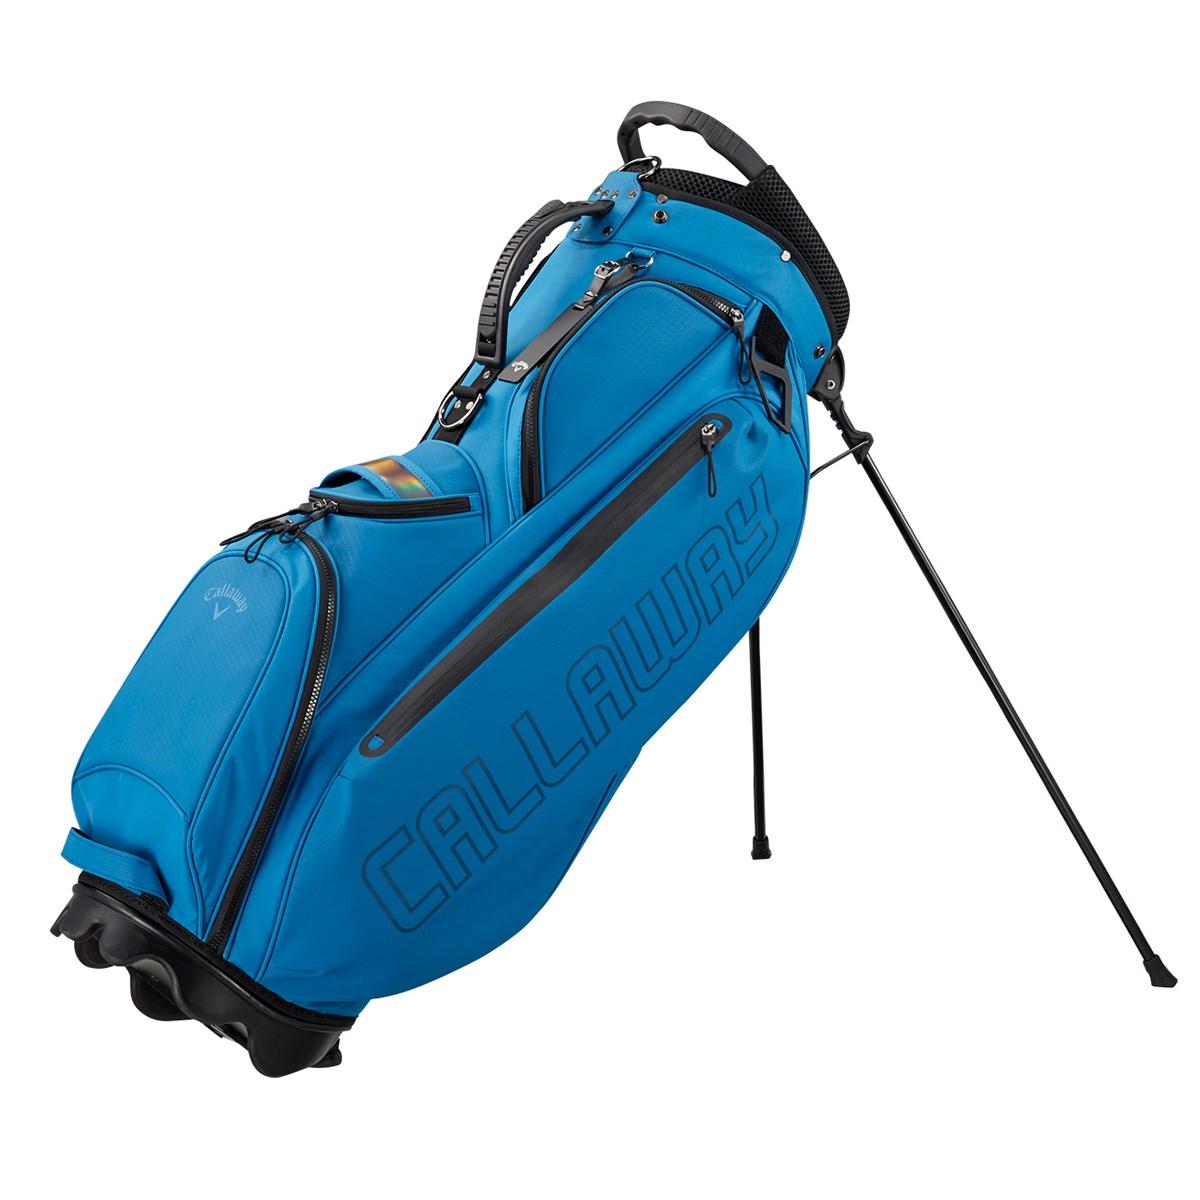 キャロウェイゴルフ Callaway Golf SPL-III スタンドキャディバッグ JM ブルー